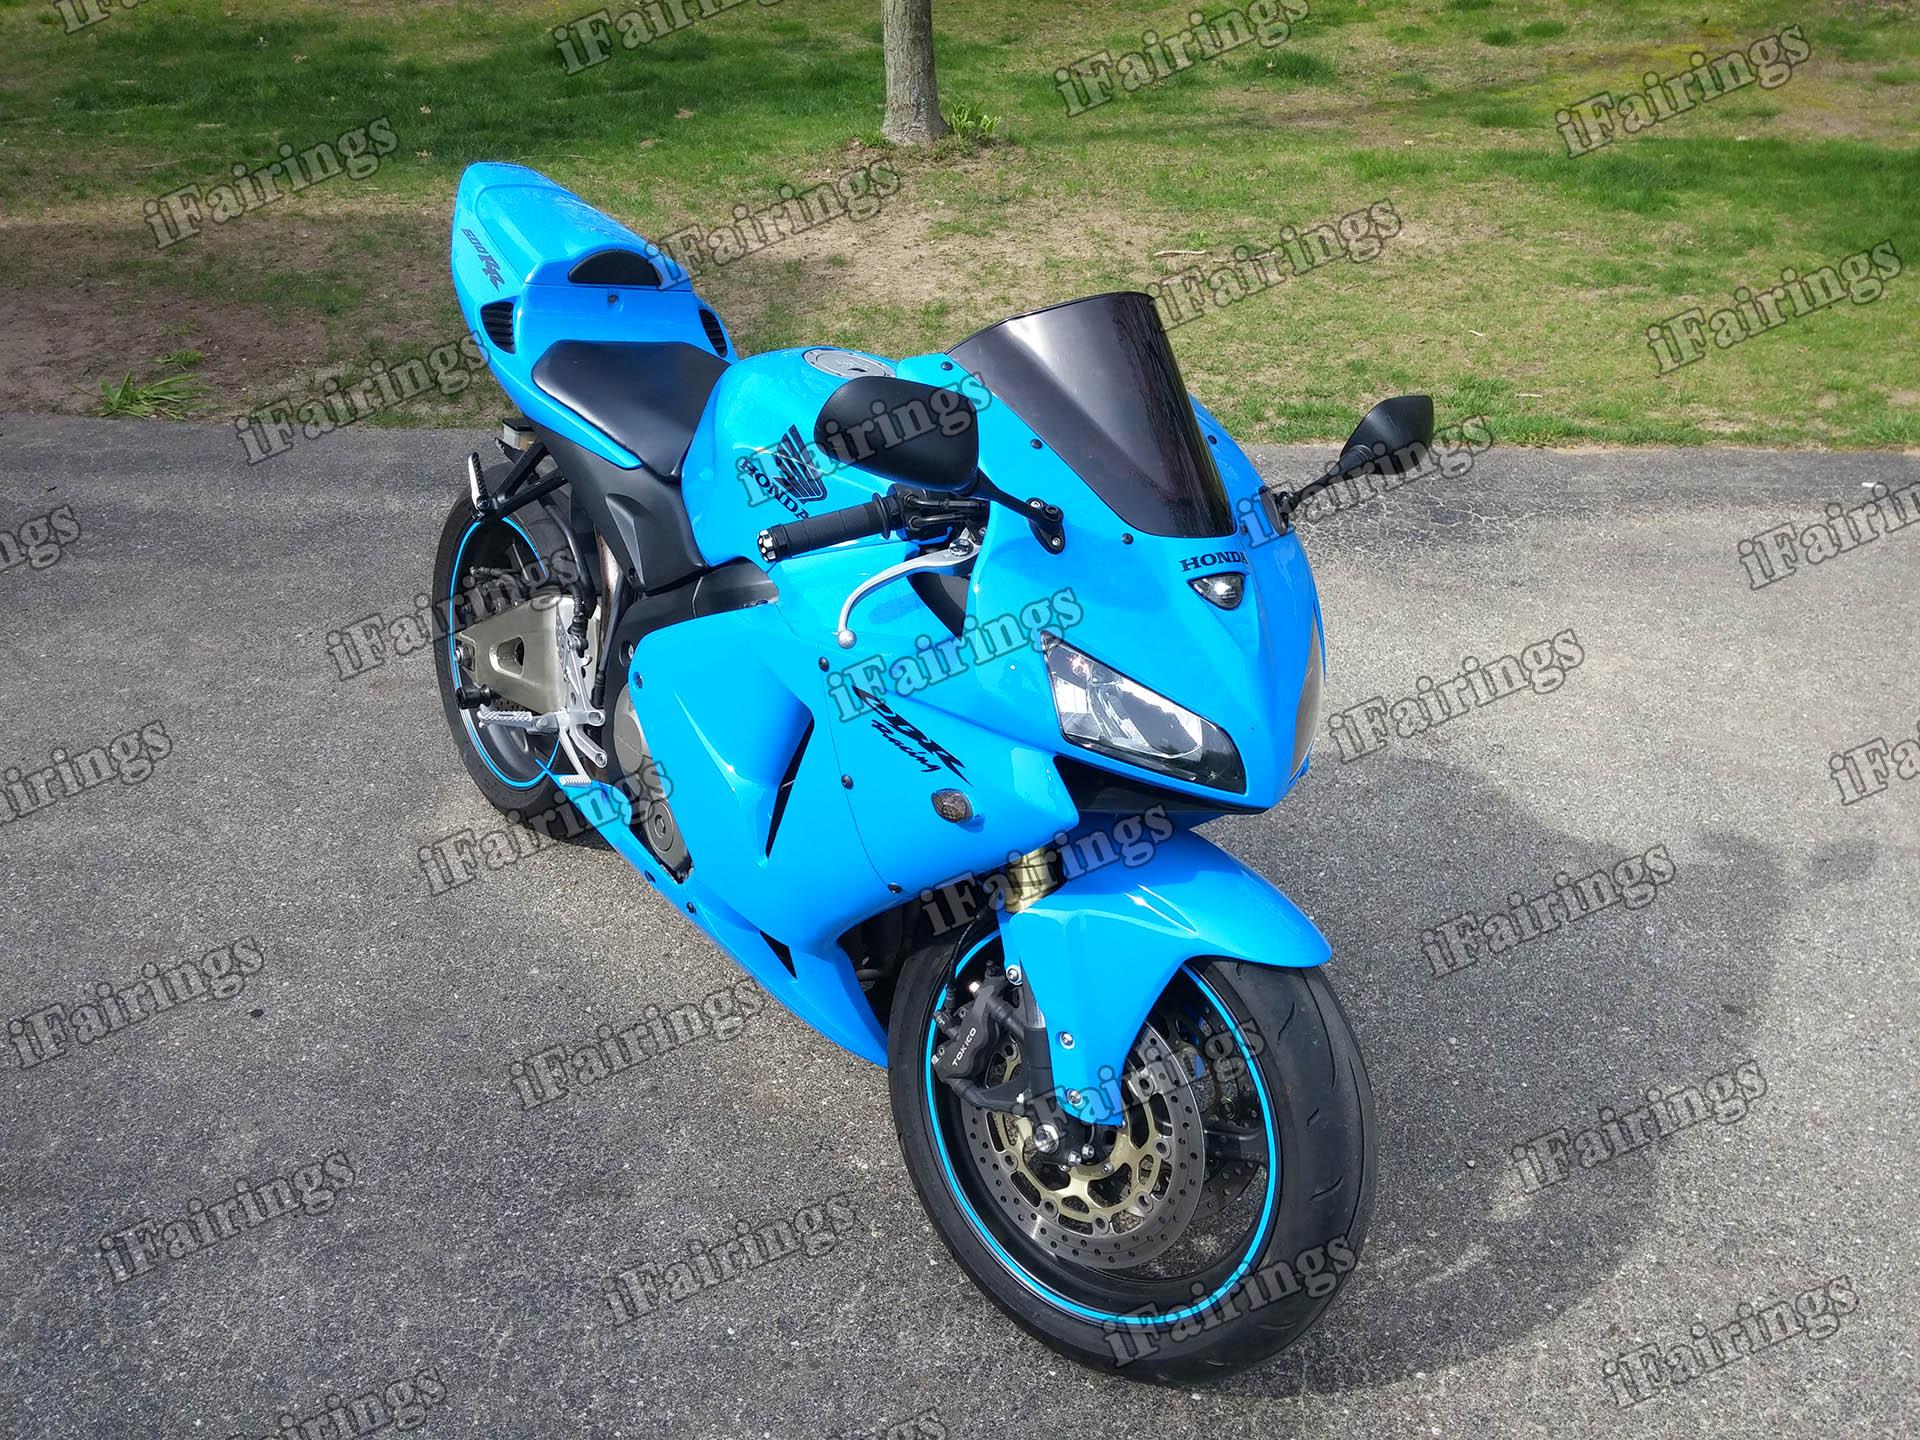 2005 2006 Honda CBR600RR Blue Fairing Kit - iFairings